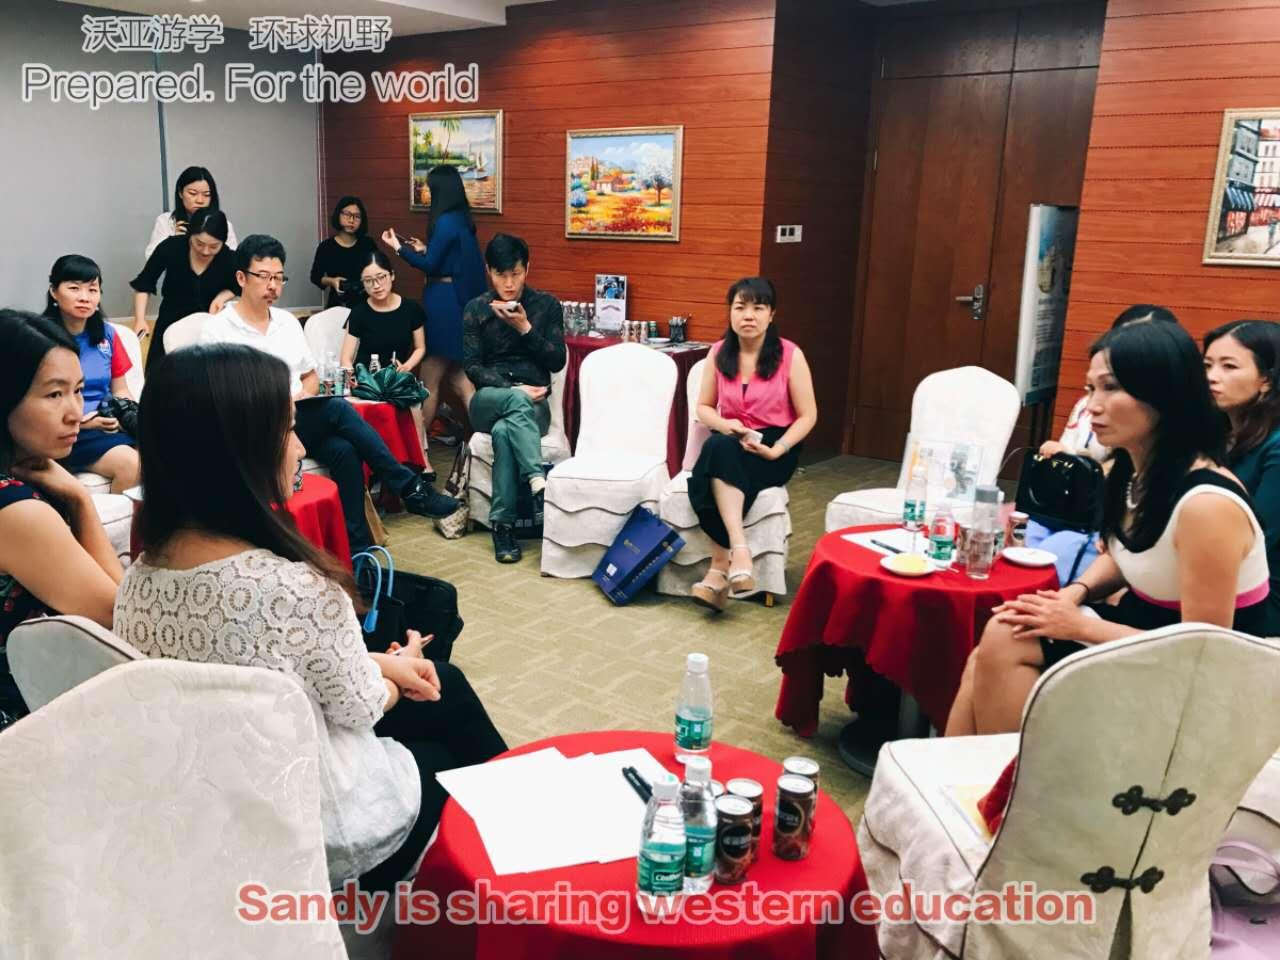 沃亚游学中西方教育分享会